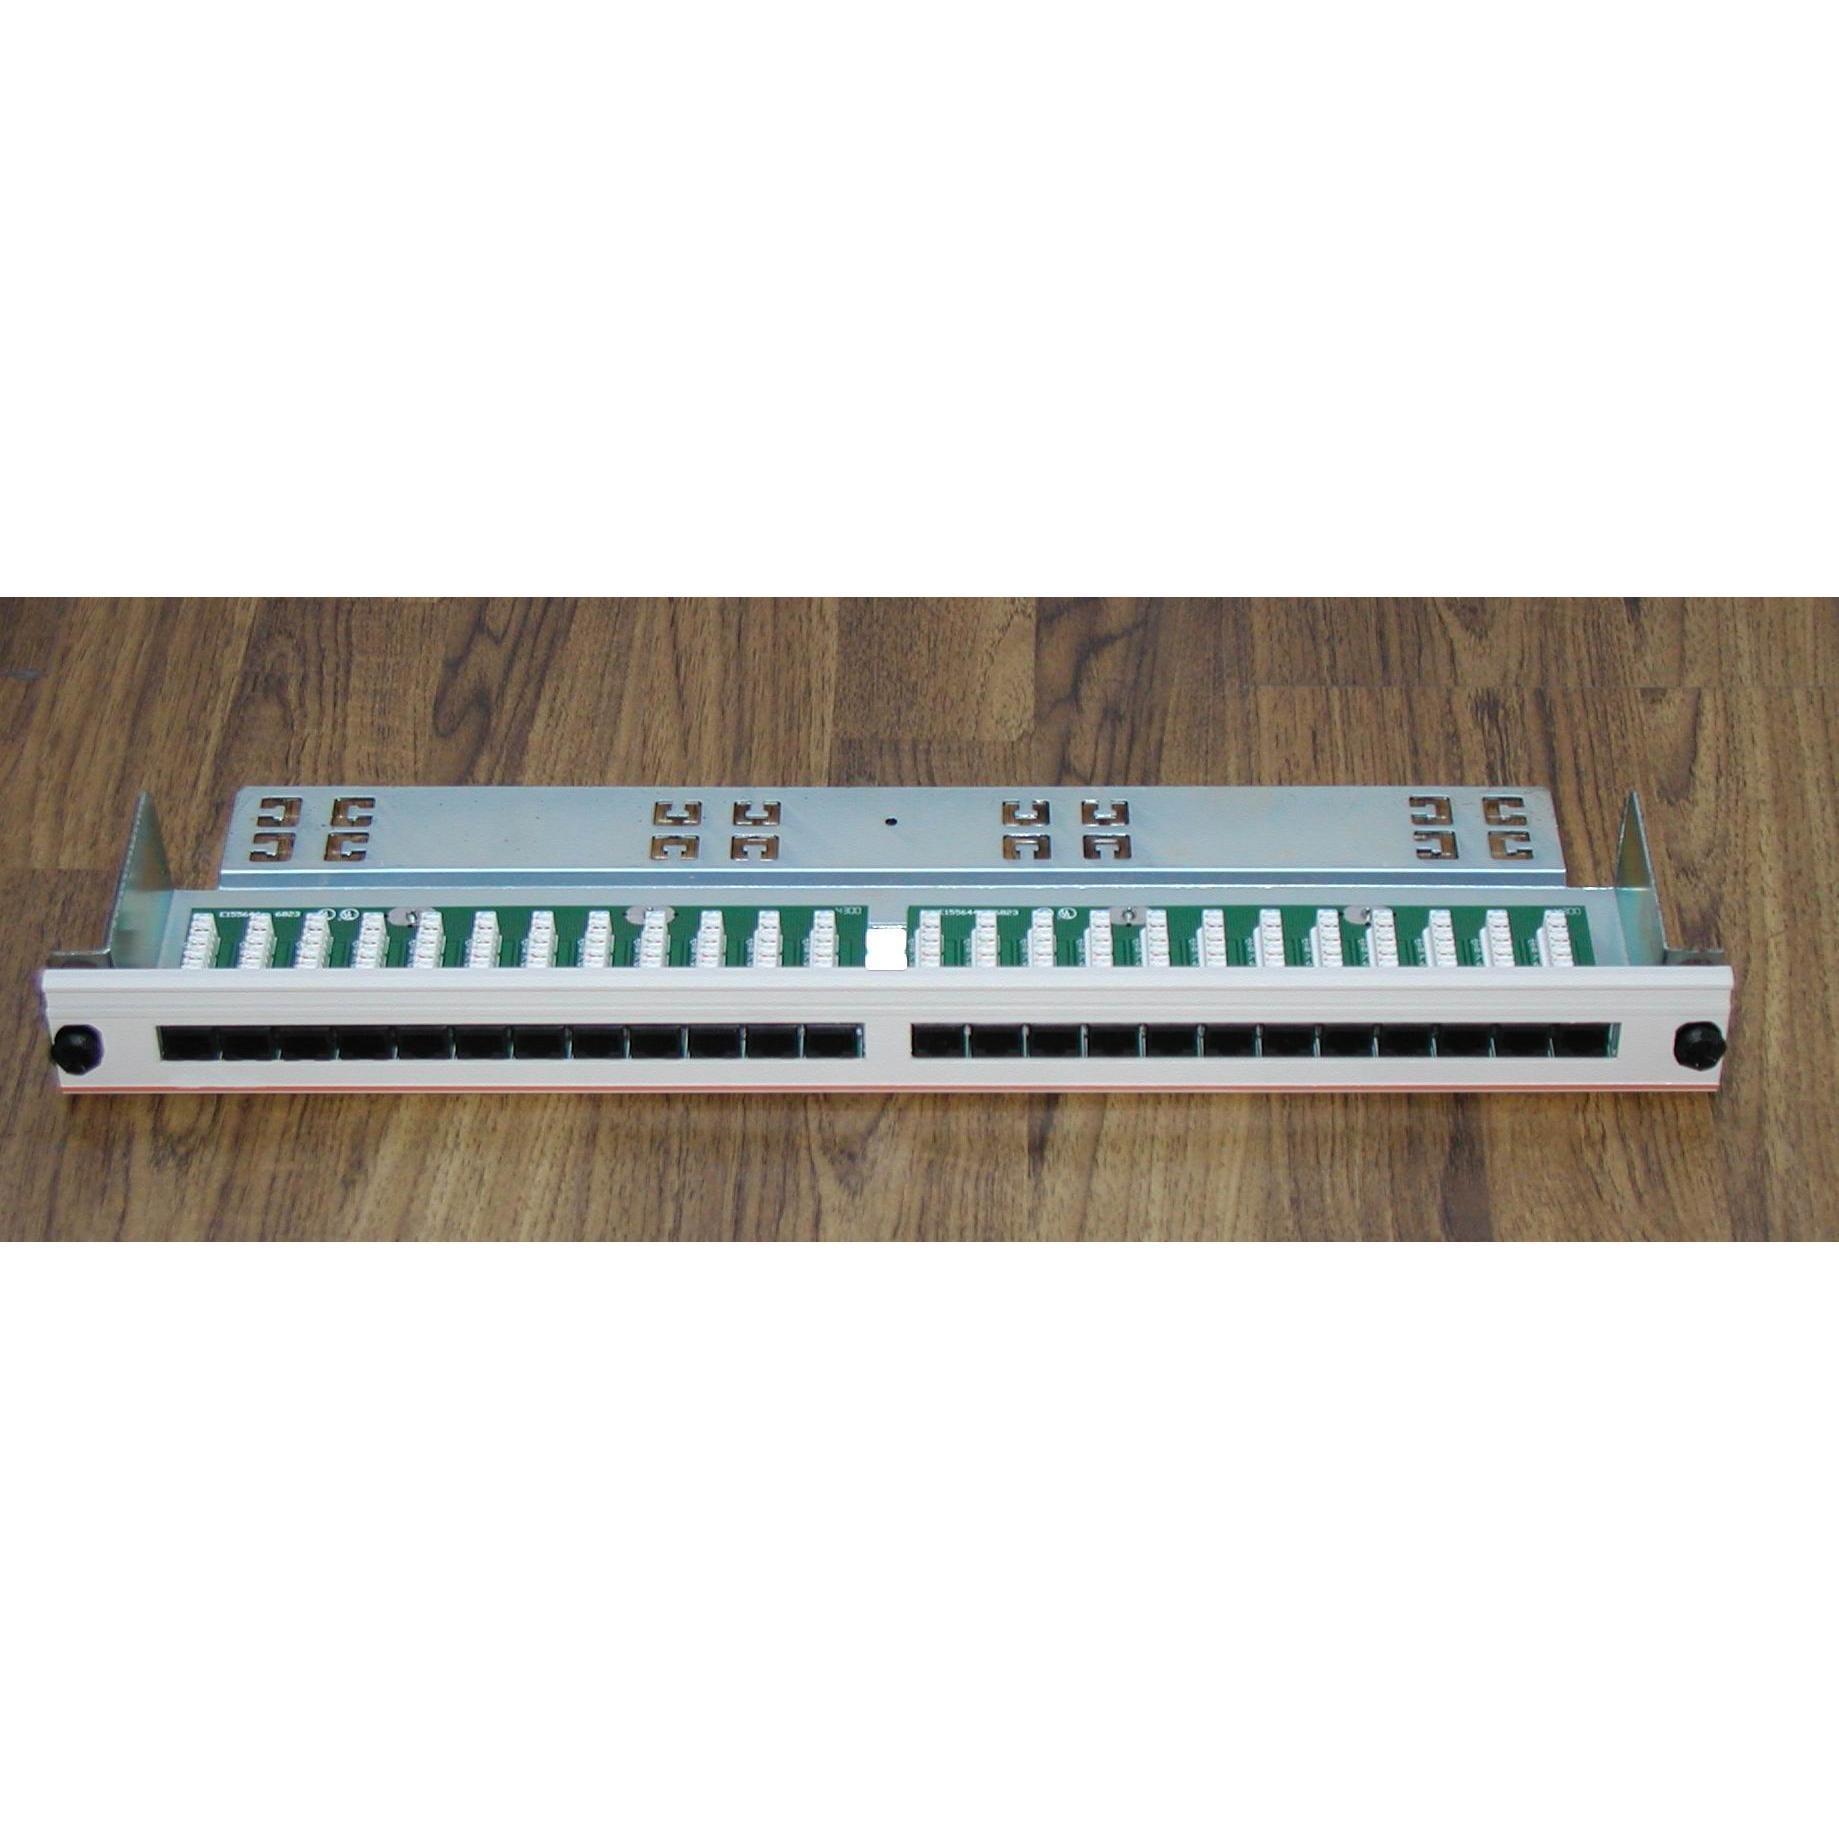 Nexans Essential Low Cost Punch Down UTP Cat5e Panels,Nexans Cat5e Patch Panels